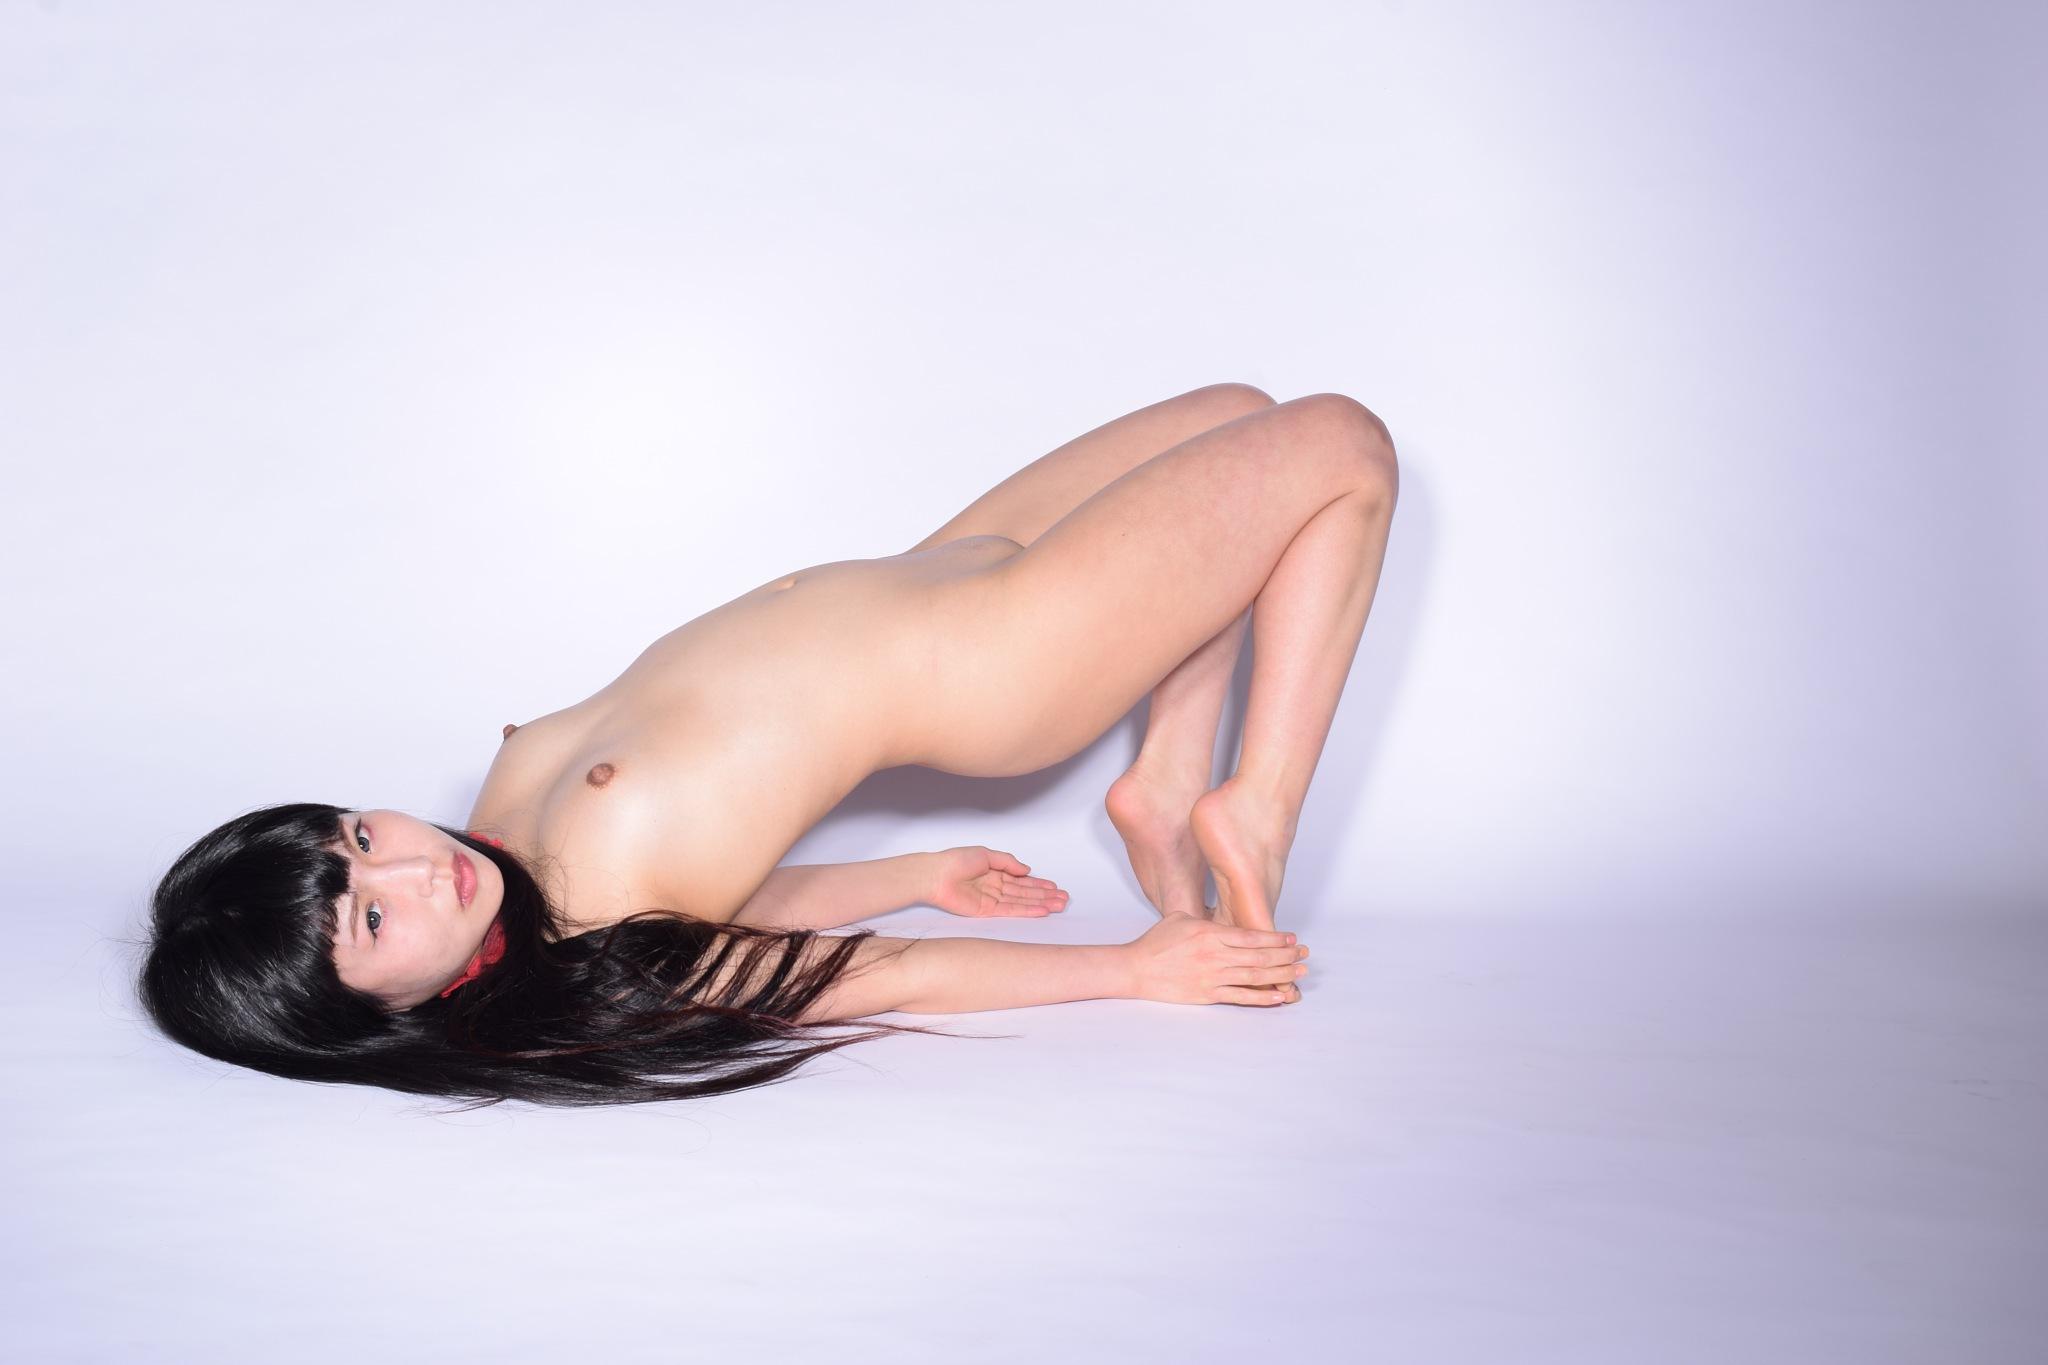 Miyu Ukiyo by Phoenix Photography